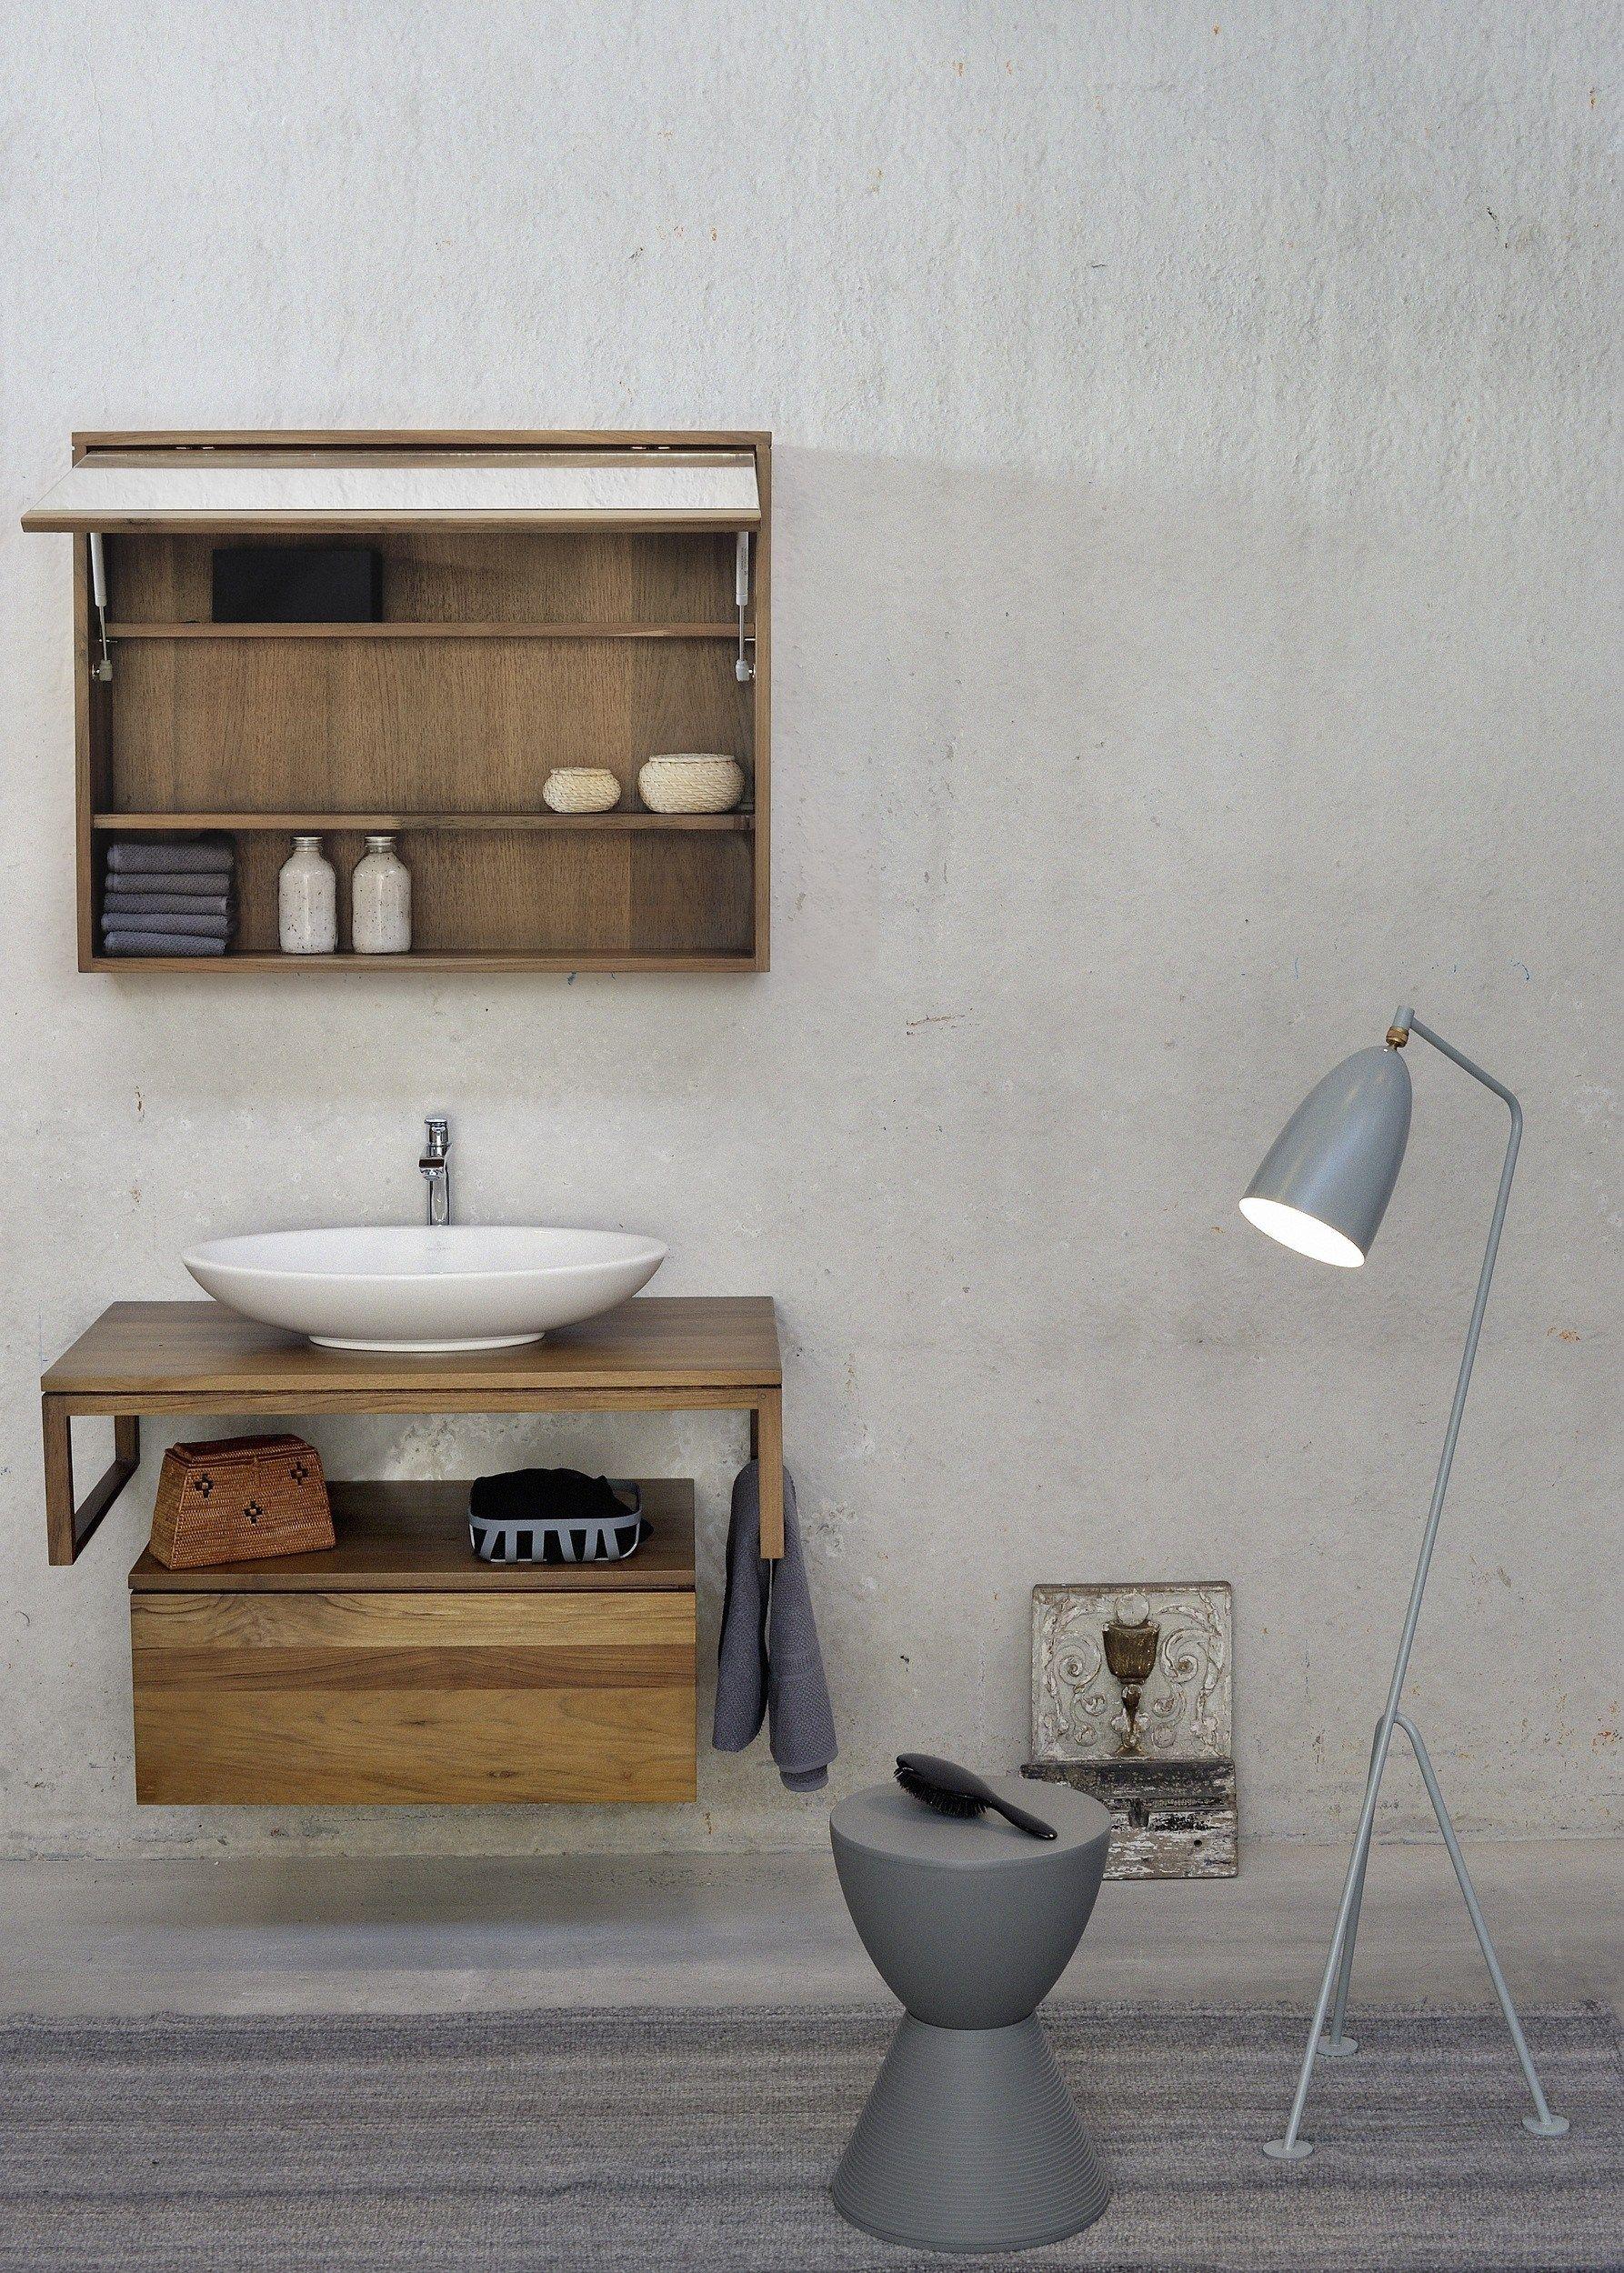 Imagens de #634B35 Móvel lavatório único de teca TEAK FELLOW Móvel lavatório  1786x2500 px 3384 Bloco Cad Lavatório Banheiro